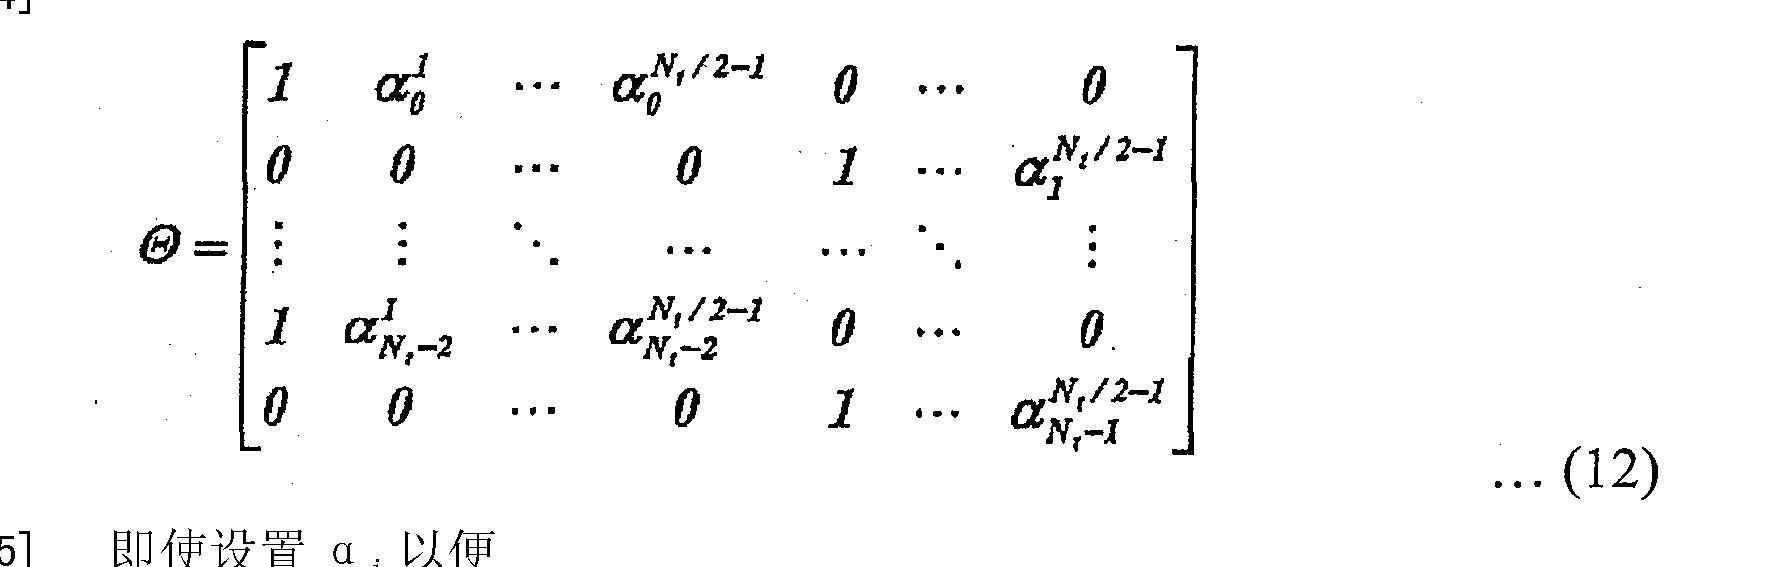 Figure CN1969522BD00192